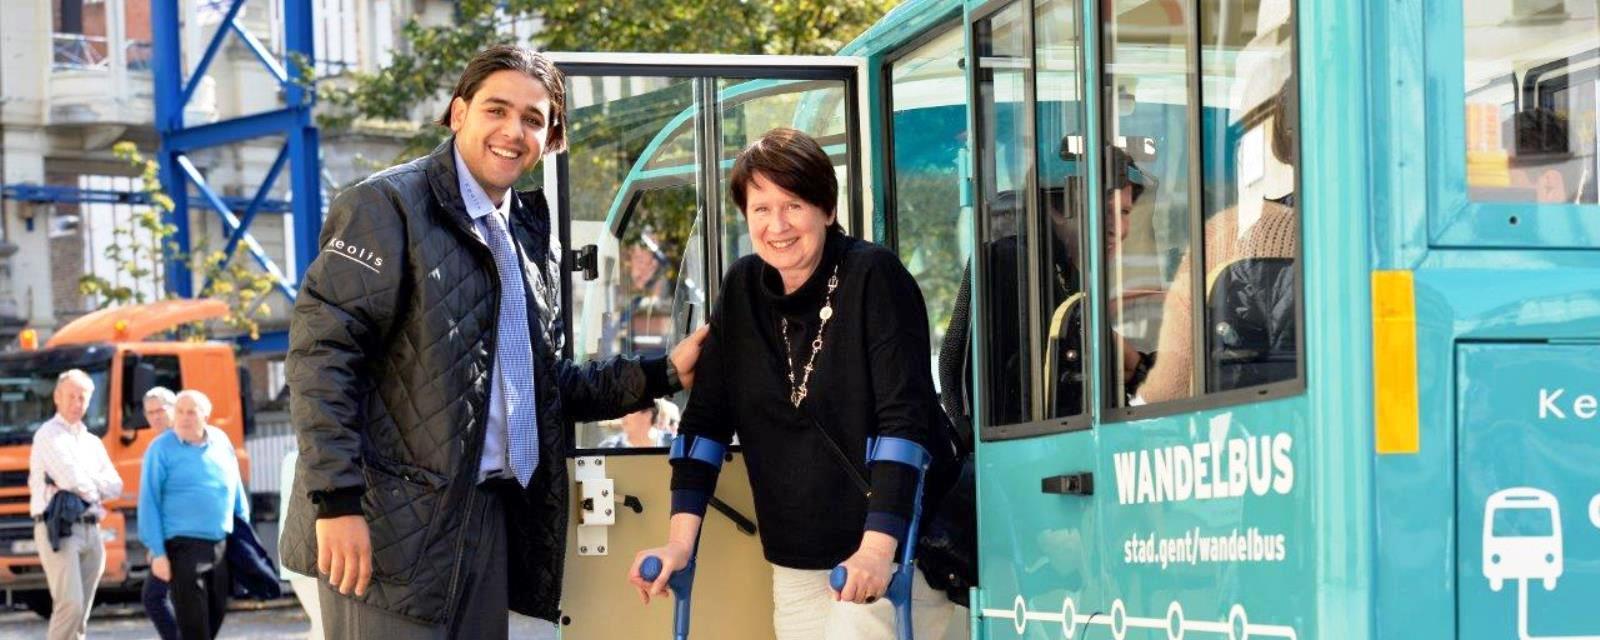 <h2>Mobiliteit</h2><div>Fietsen maakt gelukkig. Maar een slim mobiliteitsbeleid houdt een stad ook vooral bereikbaar en zorgt voor gezondere woonstraten.</div>